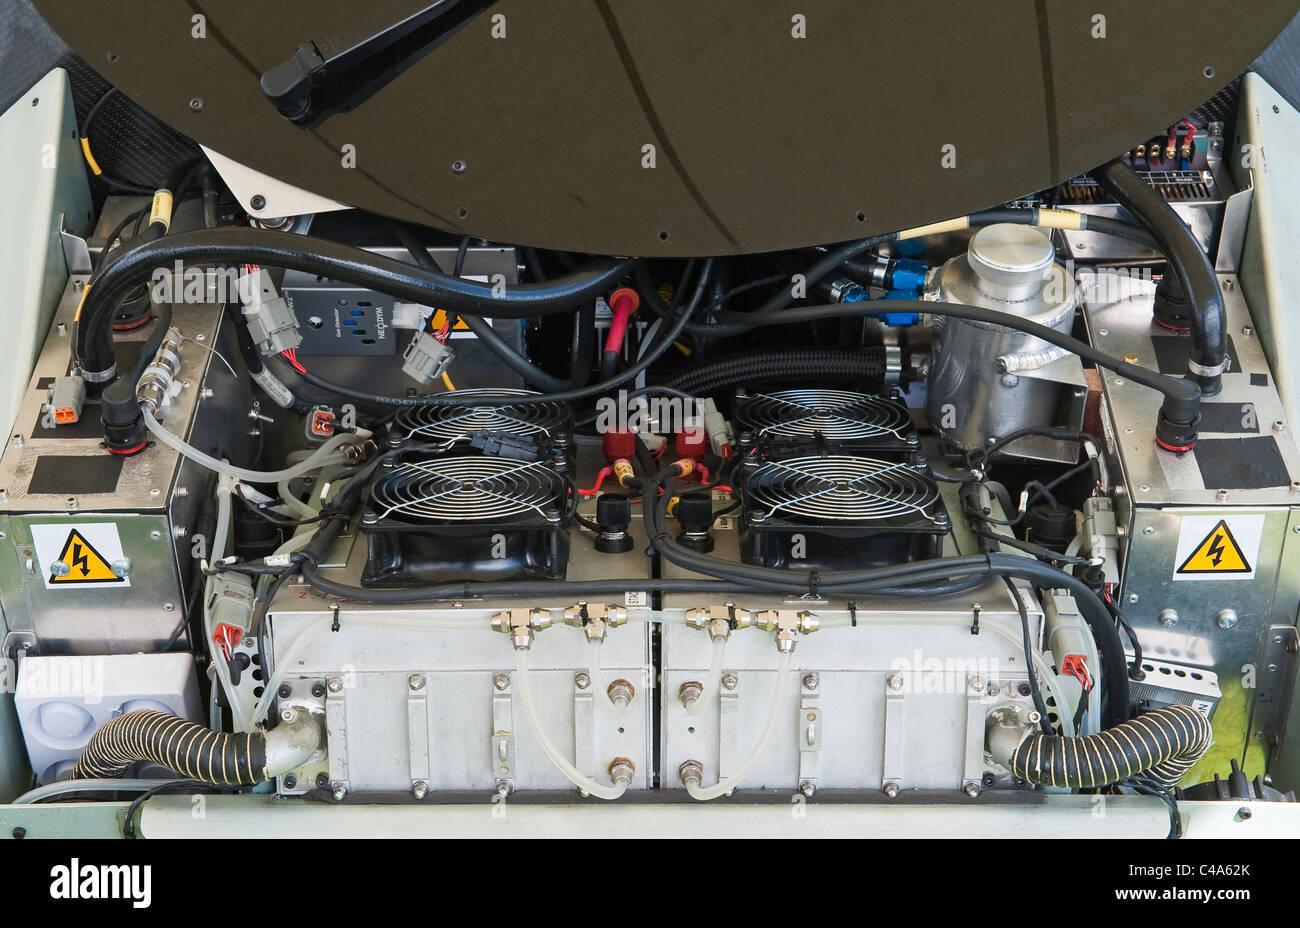 Bajo el capó del coche eléctrico urbano Riversimple, mostrando las células de combustible de hidrógeno Imagen De Stock